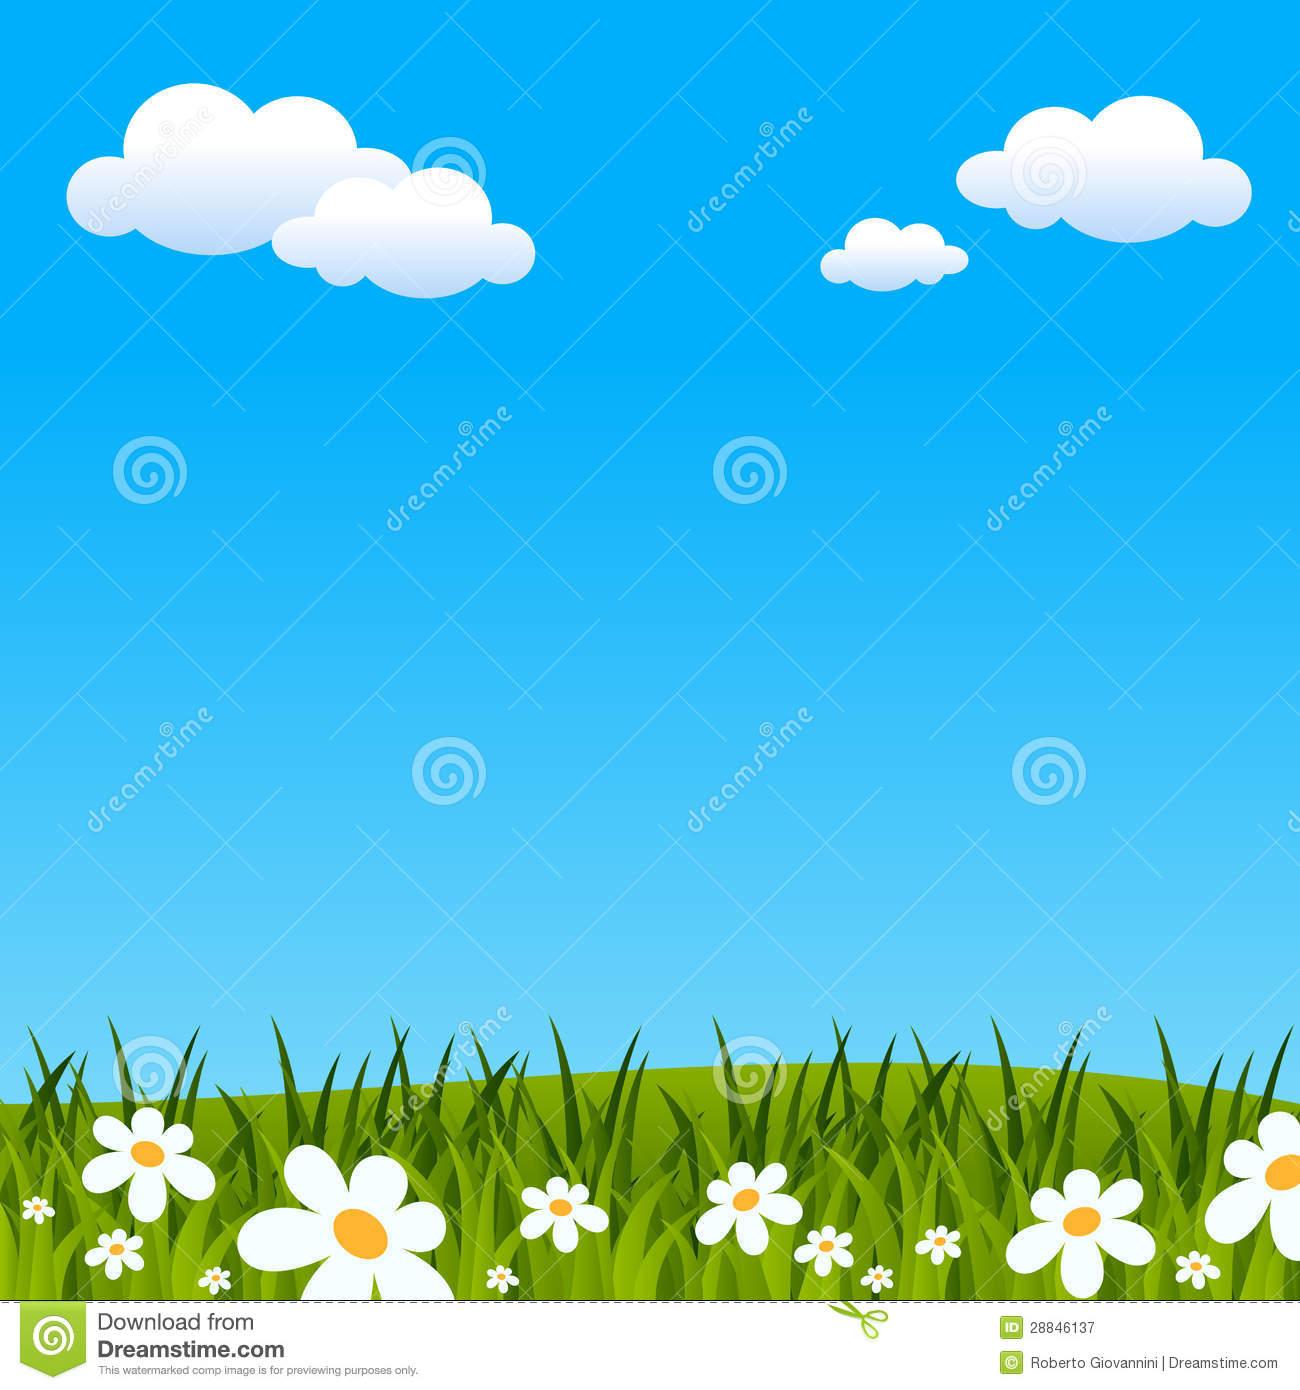 Easter or Spring Background-Easter or Spring Background-17